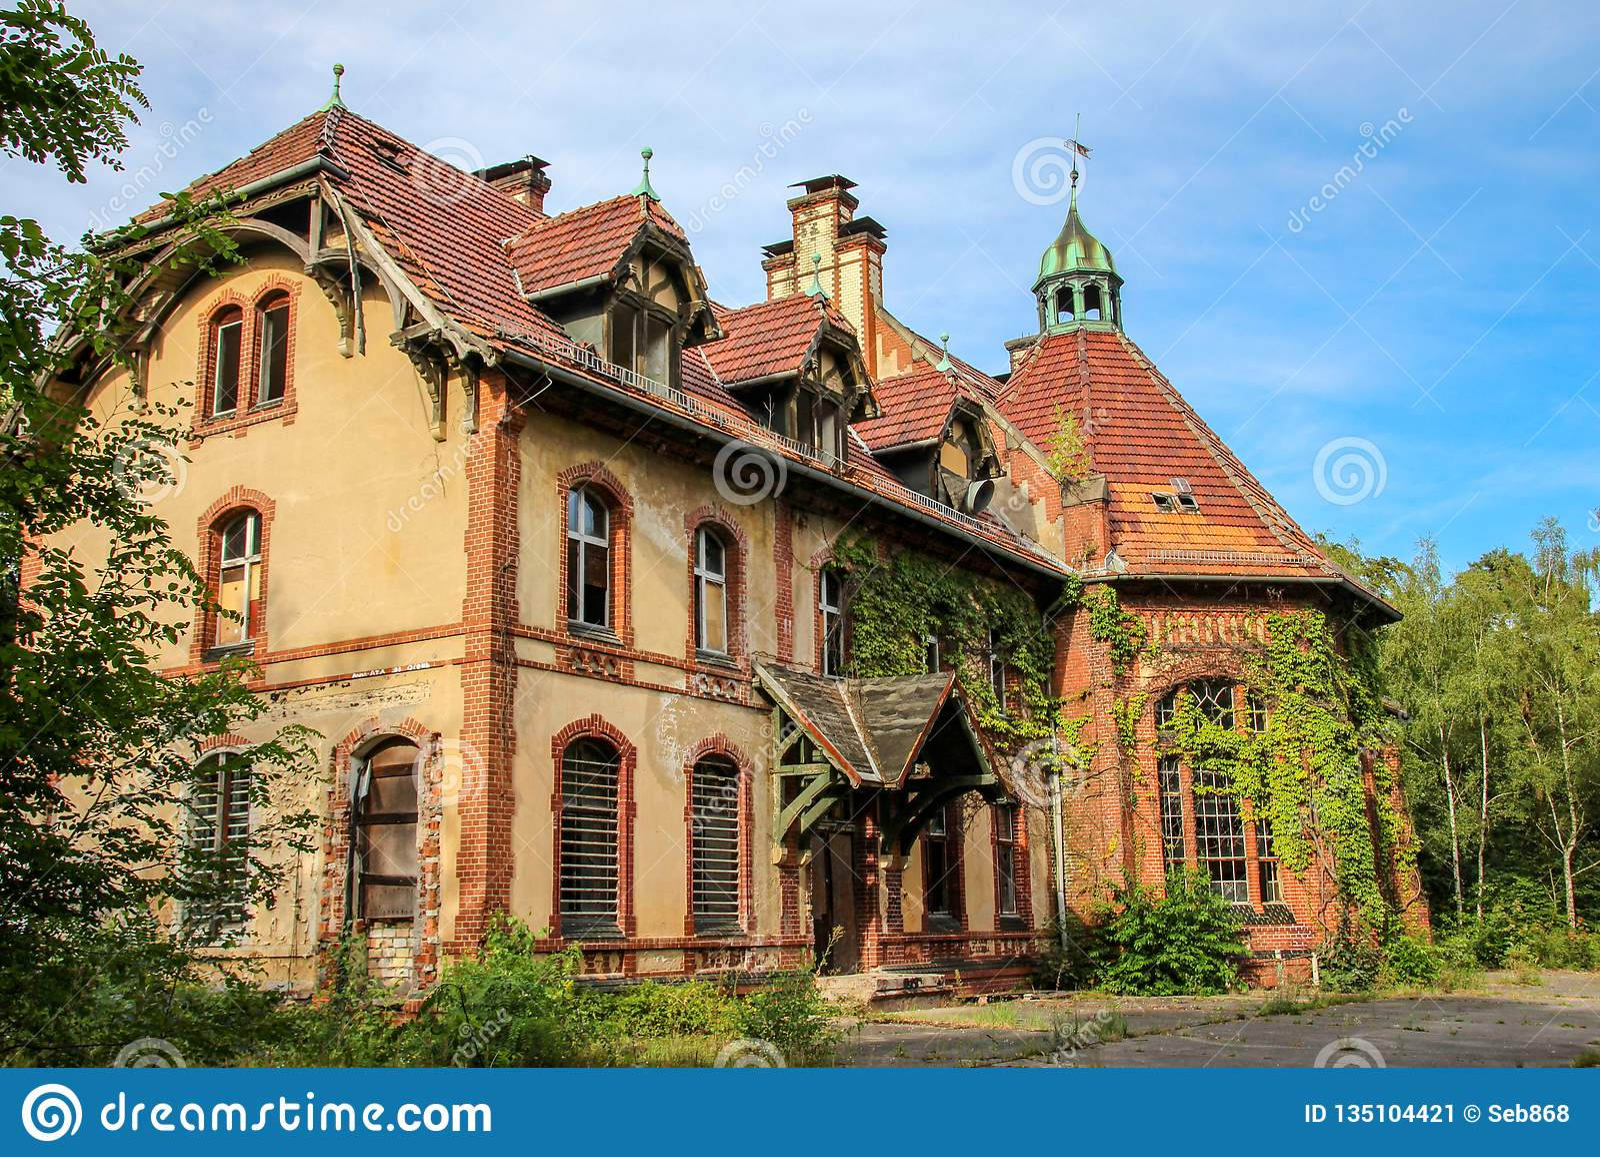 Fördärvar av Beelitz-Heilstätten förlorade stället Berlin Brandenburg